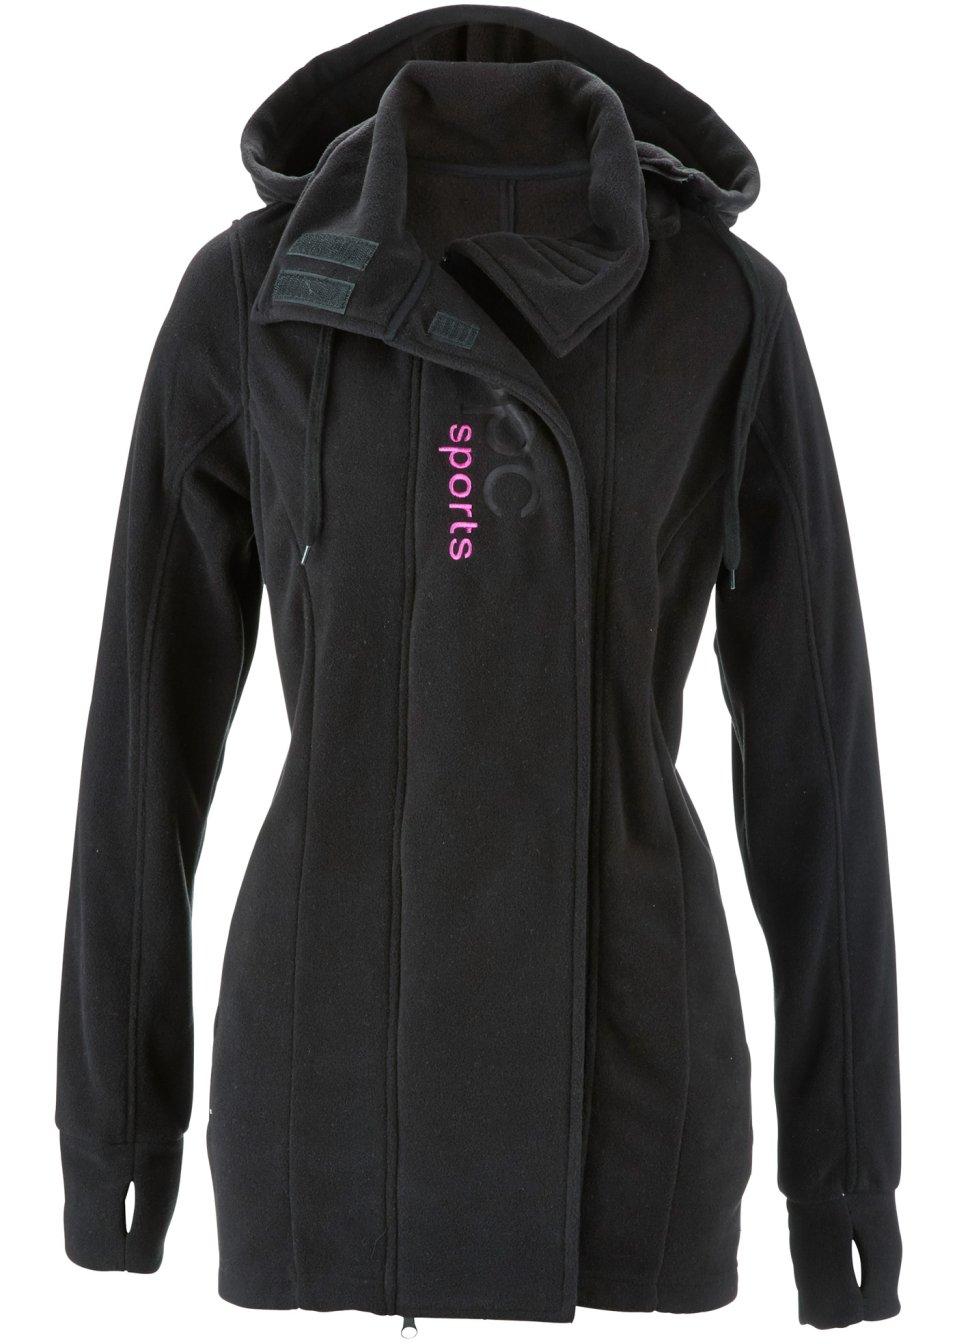 Veste polaire longue noir bpc bonprix collection - Bonprix suivi de commande ...